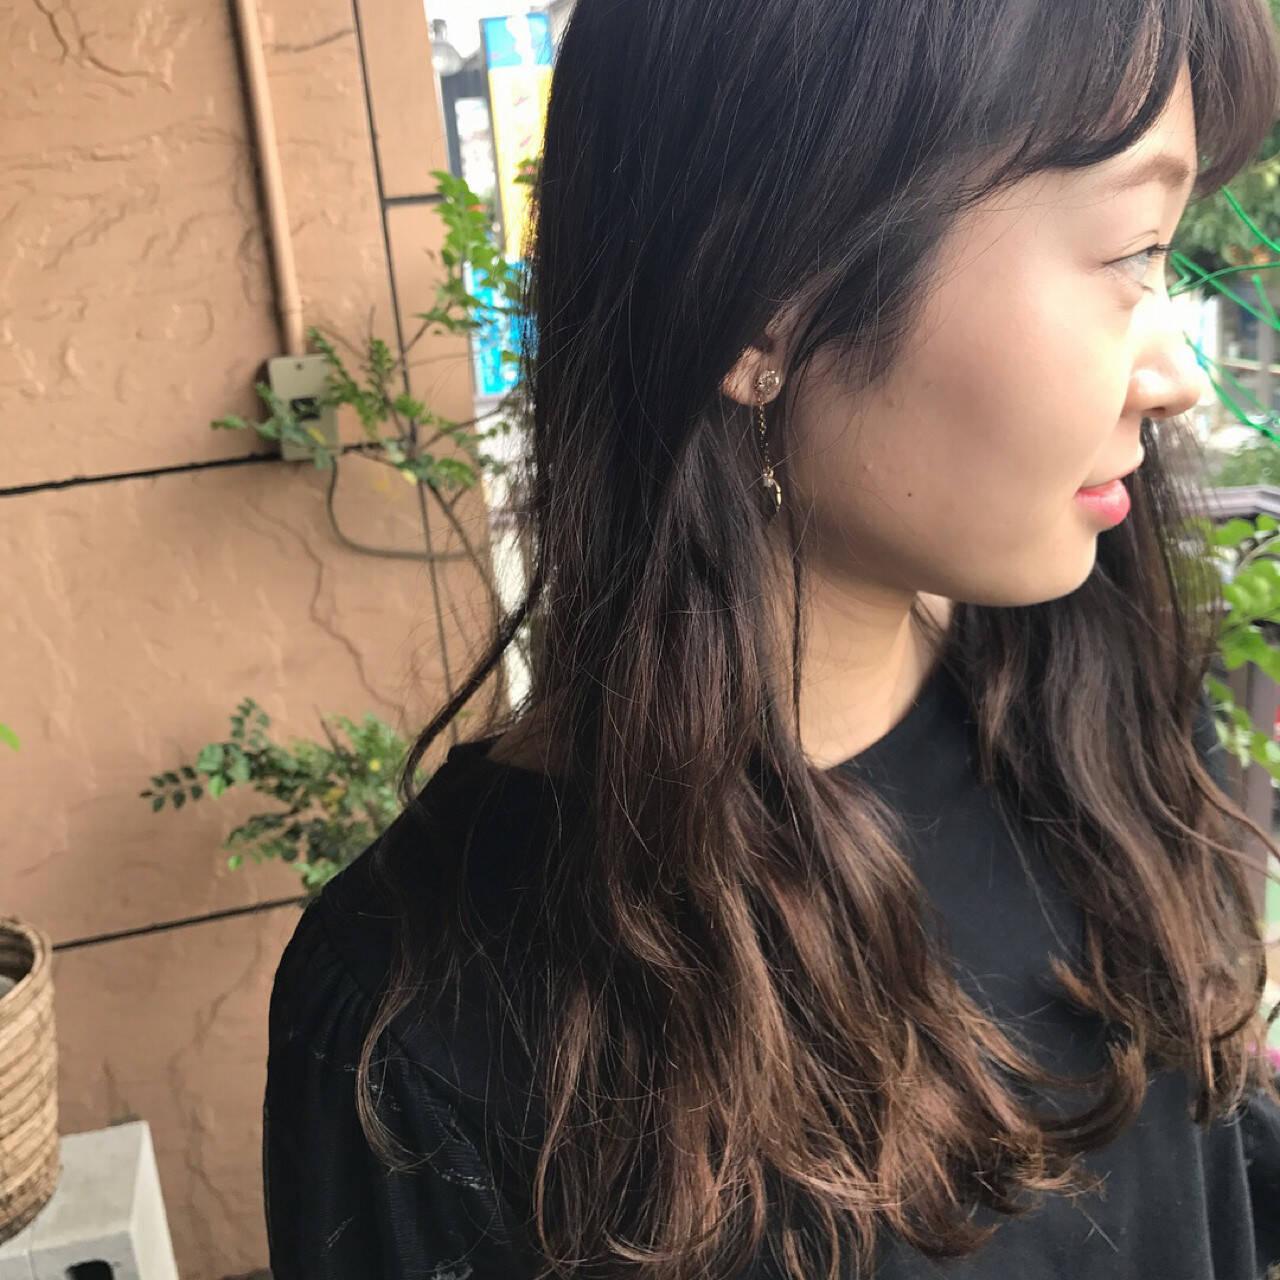 ウェーブ ナチュラル グラデーションカラー アンニュイヘアスタイルや髪型の写真・画像